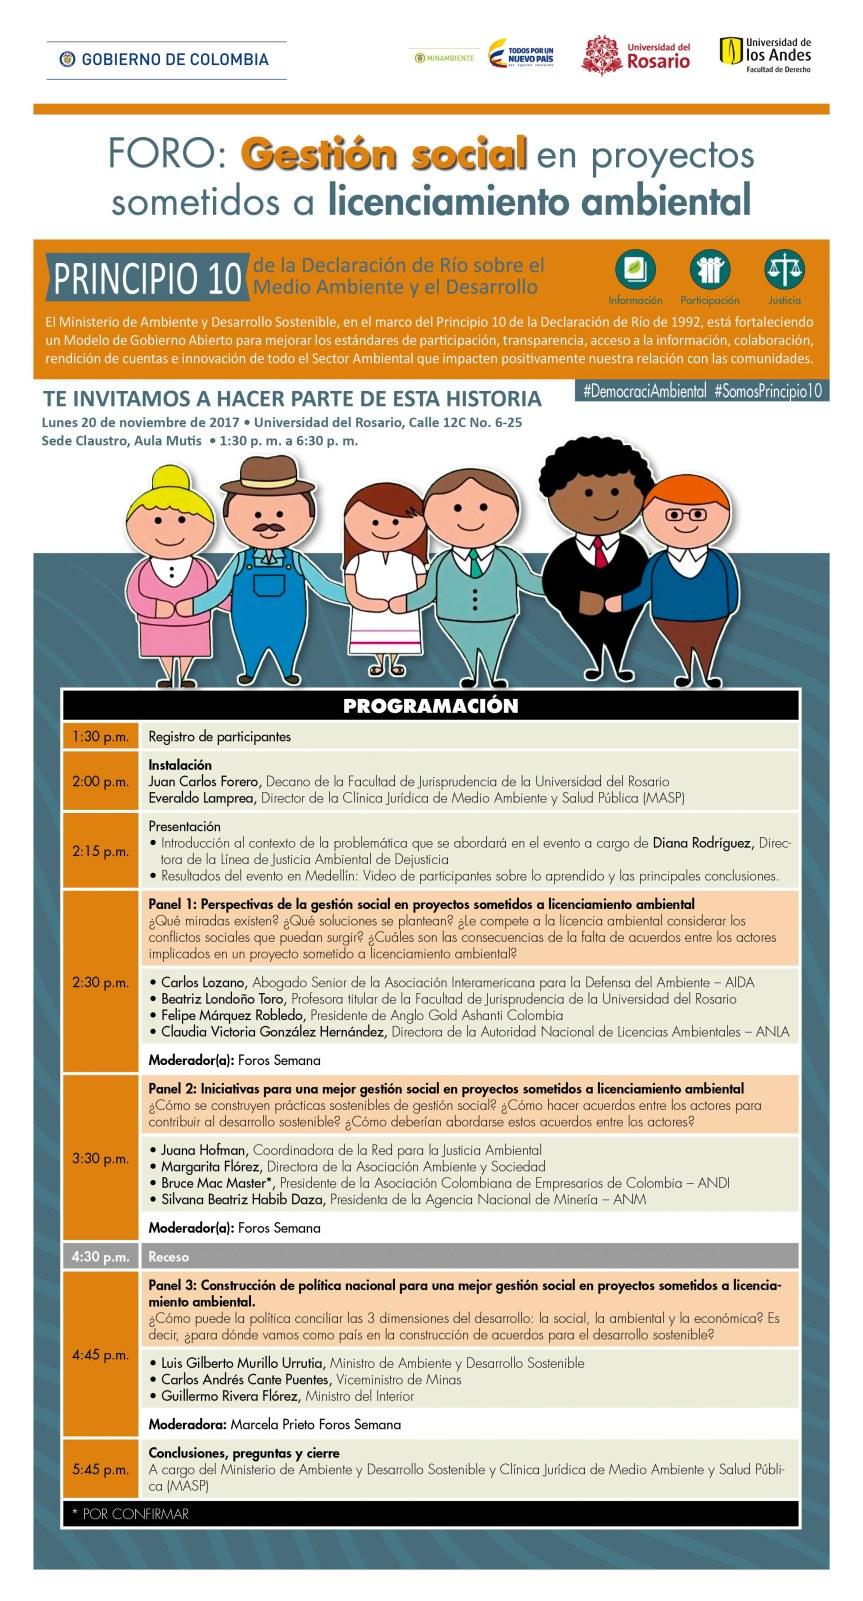 Foro: Gestión social en proyectos sometidos a licenciamientoambiental.